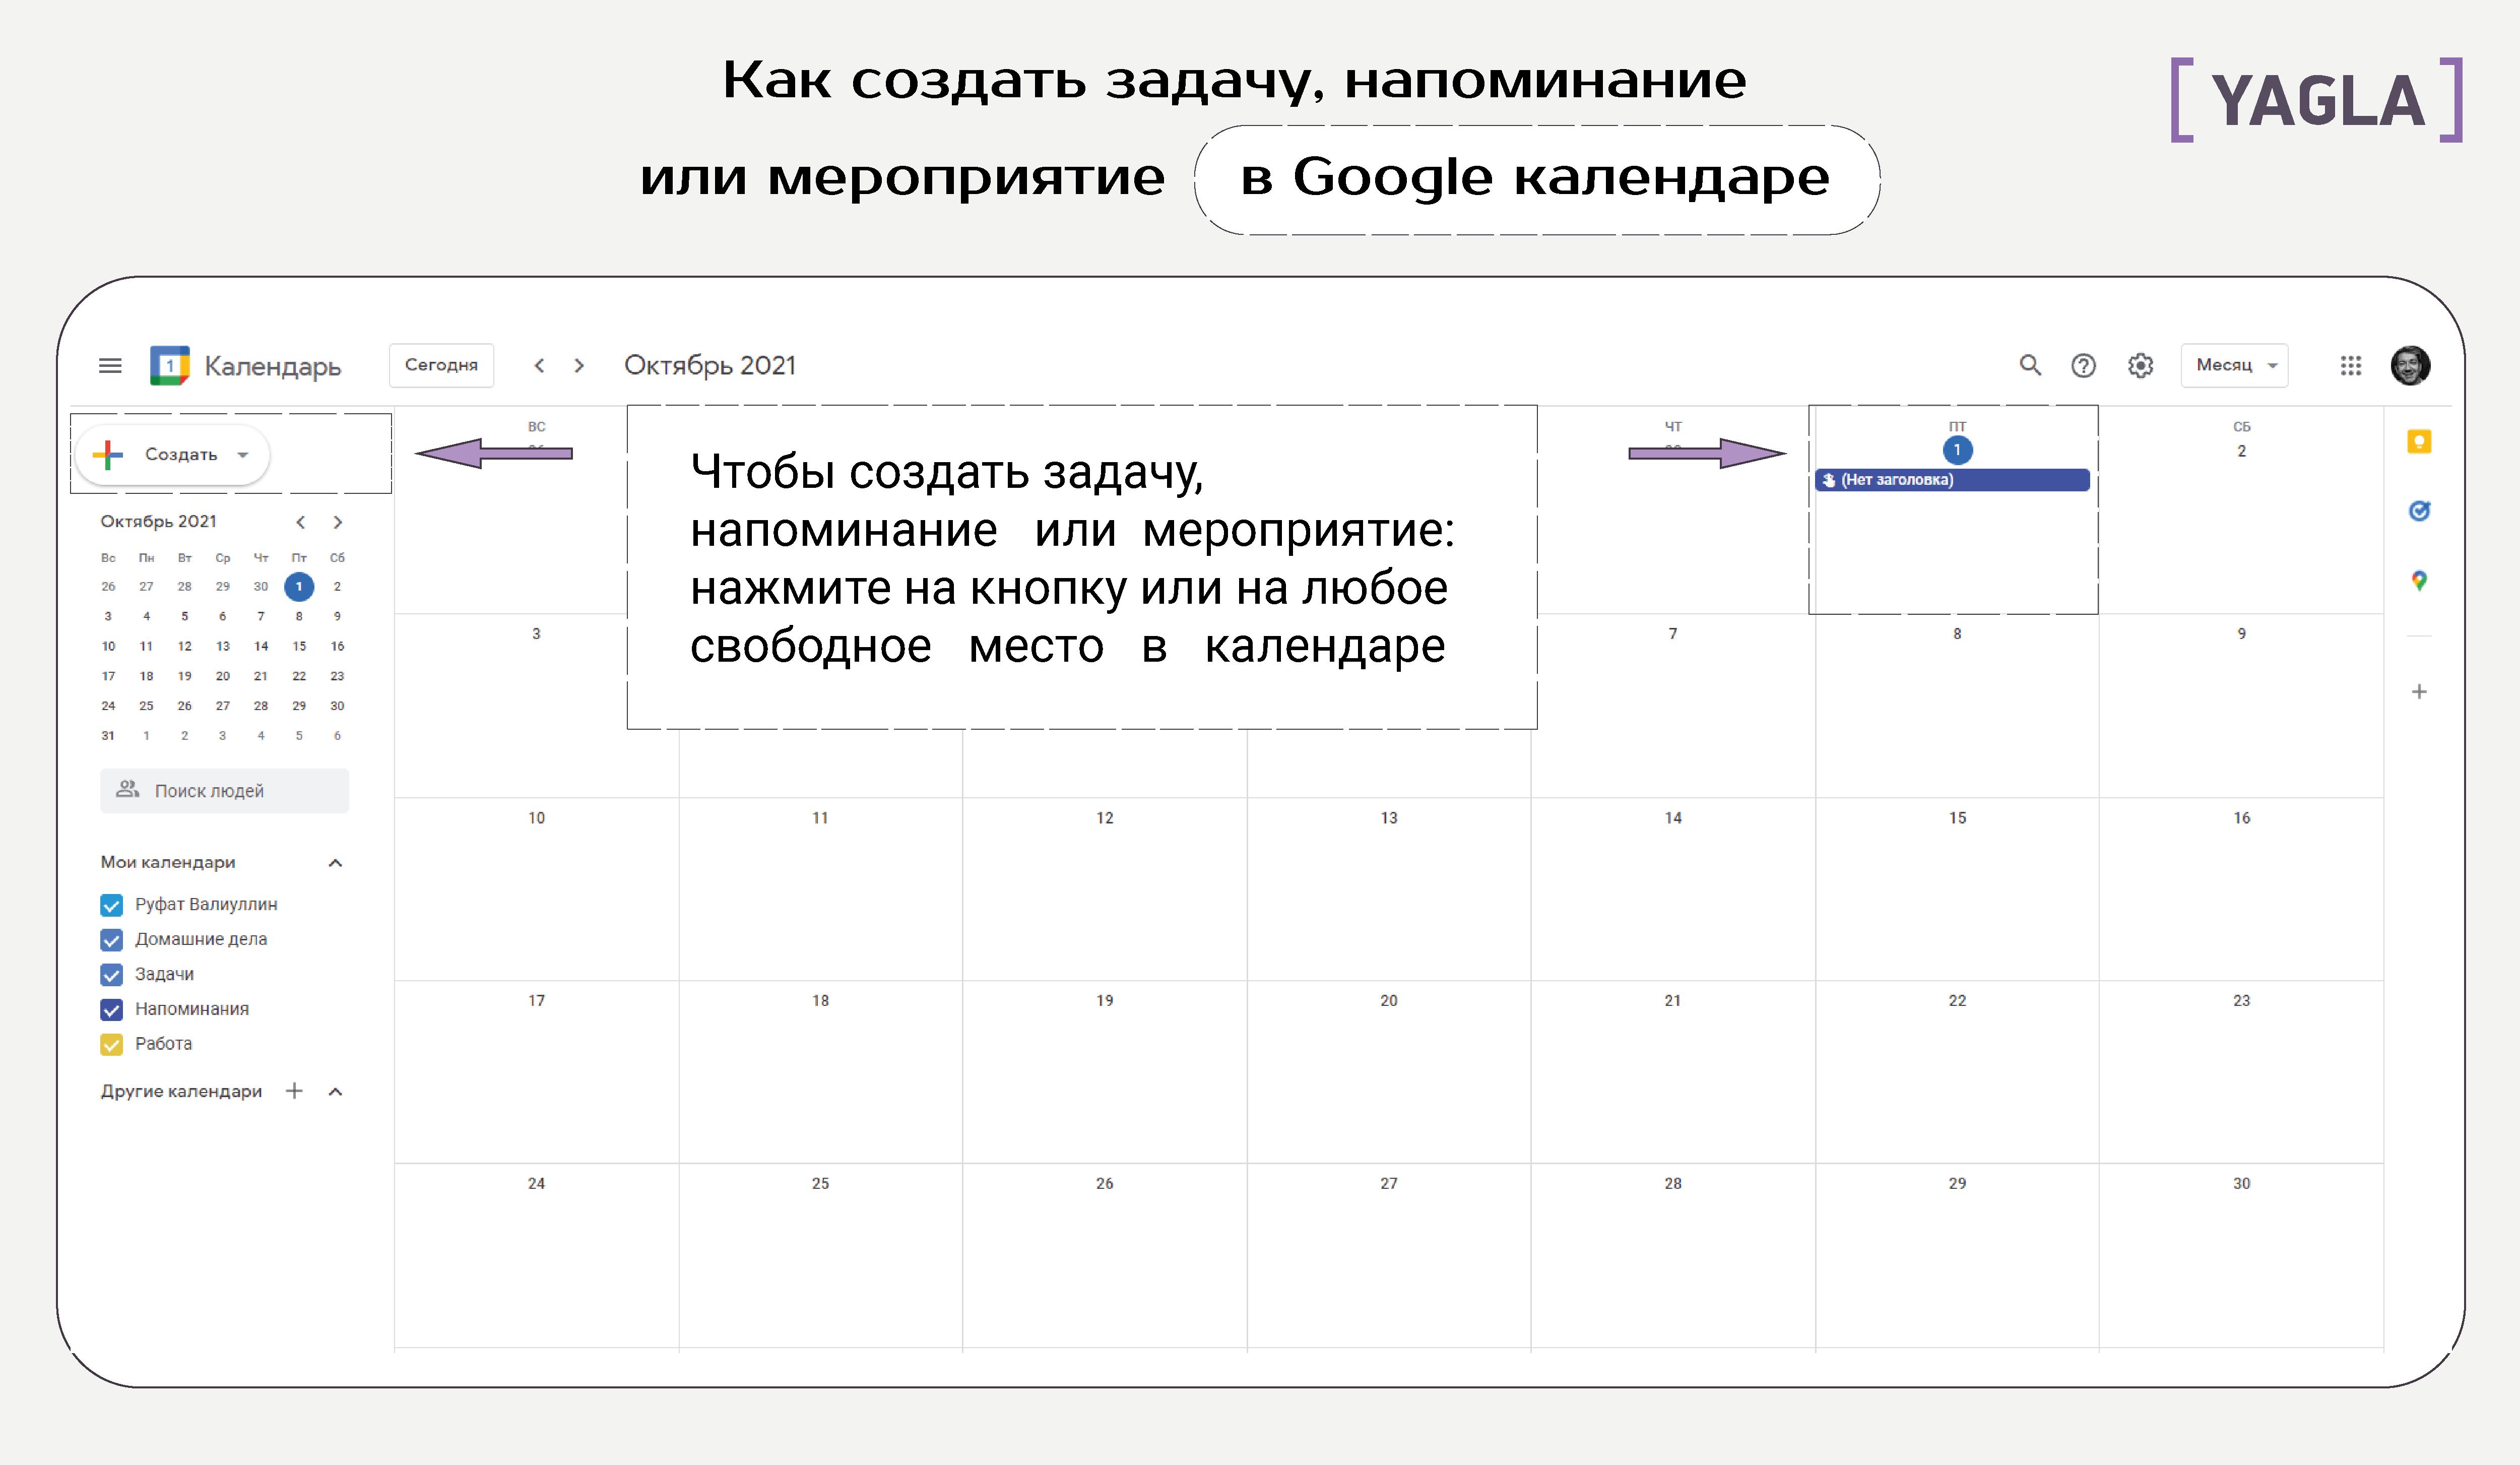 Как создать задачу, напоминание или мероприятие в Google календаре